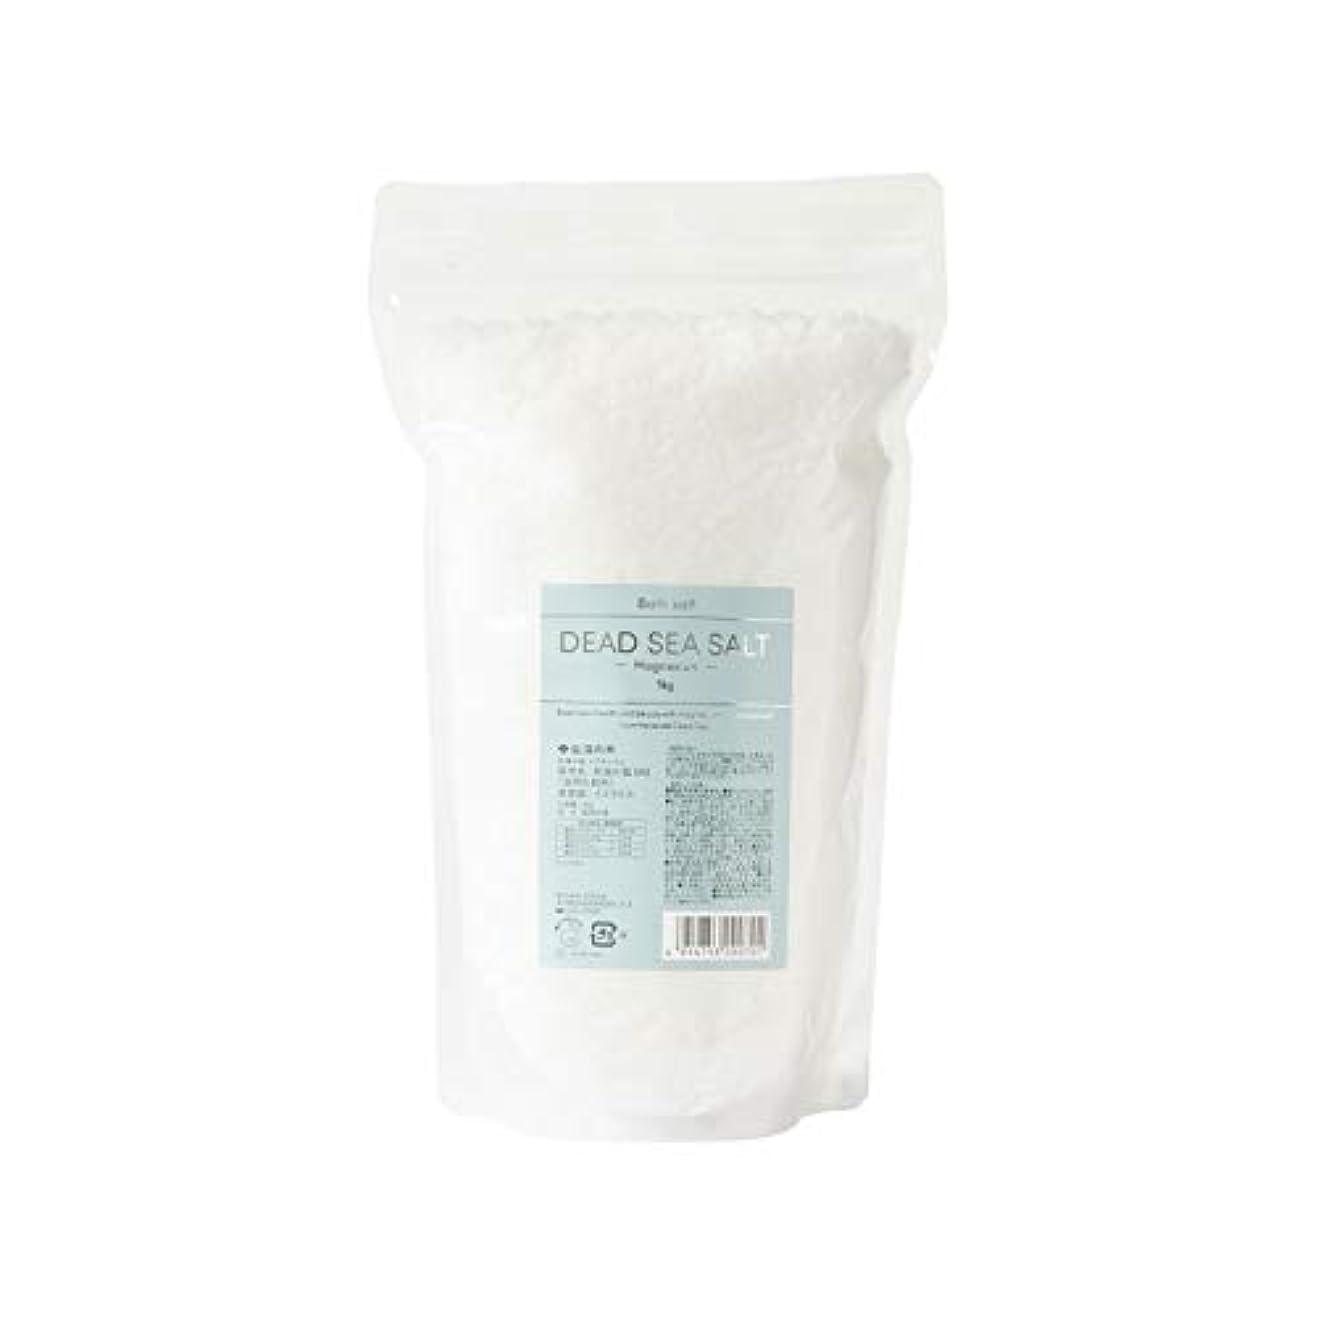 ブリードドック警戒生活の木 死海の塩マグネシウム 1kg